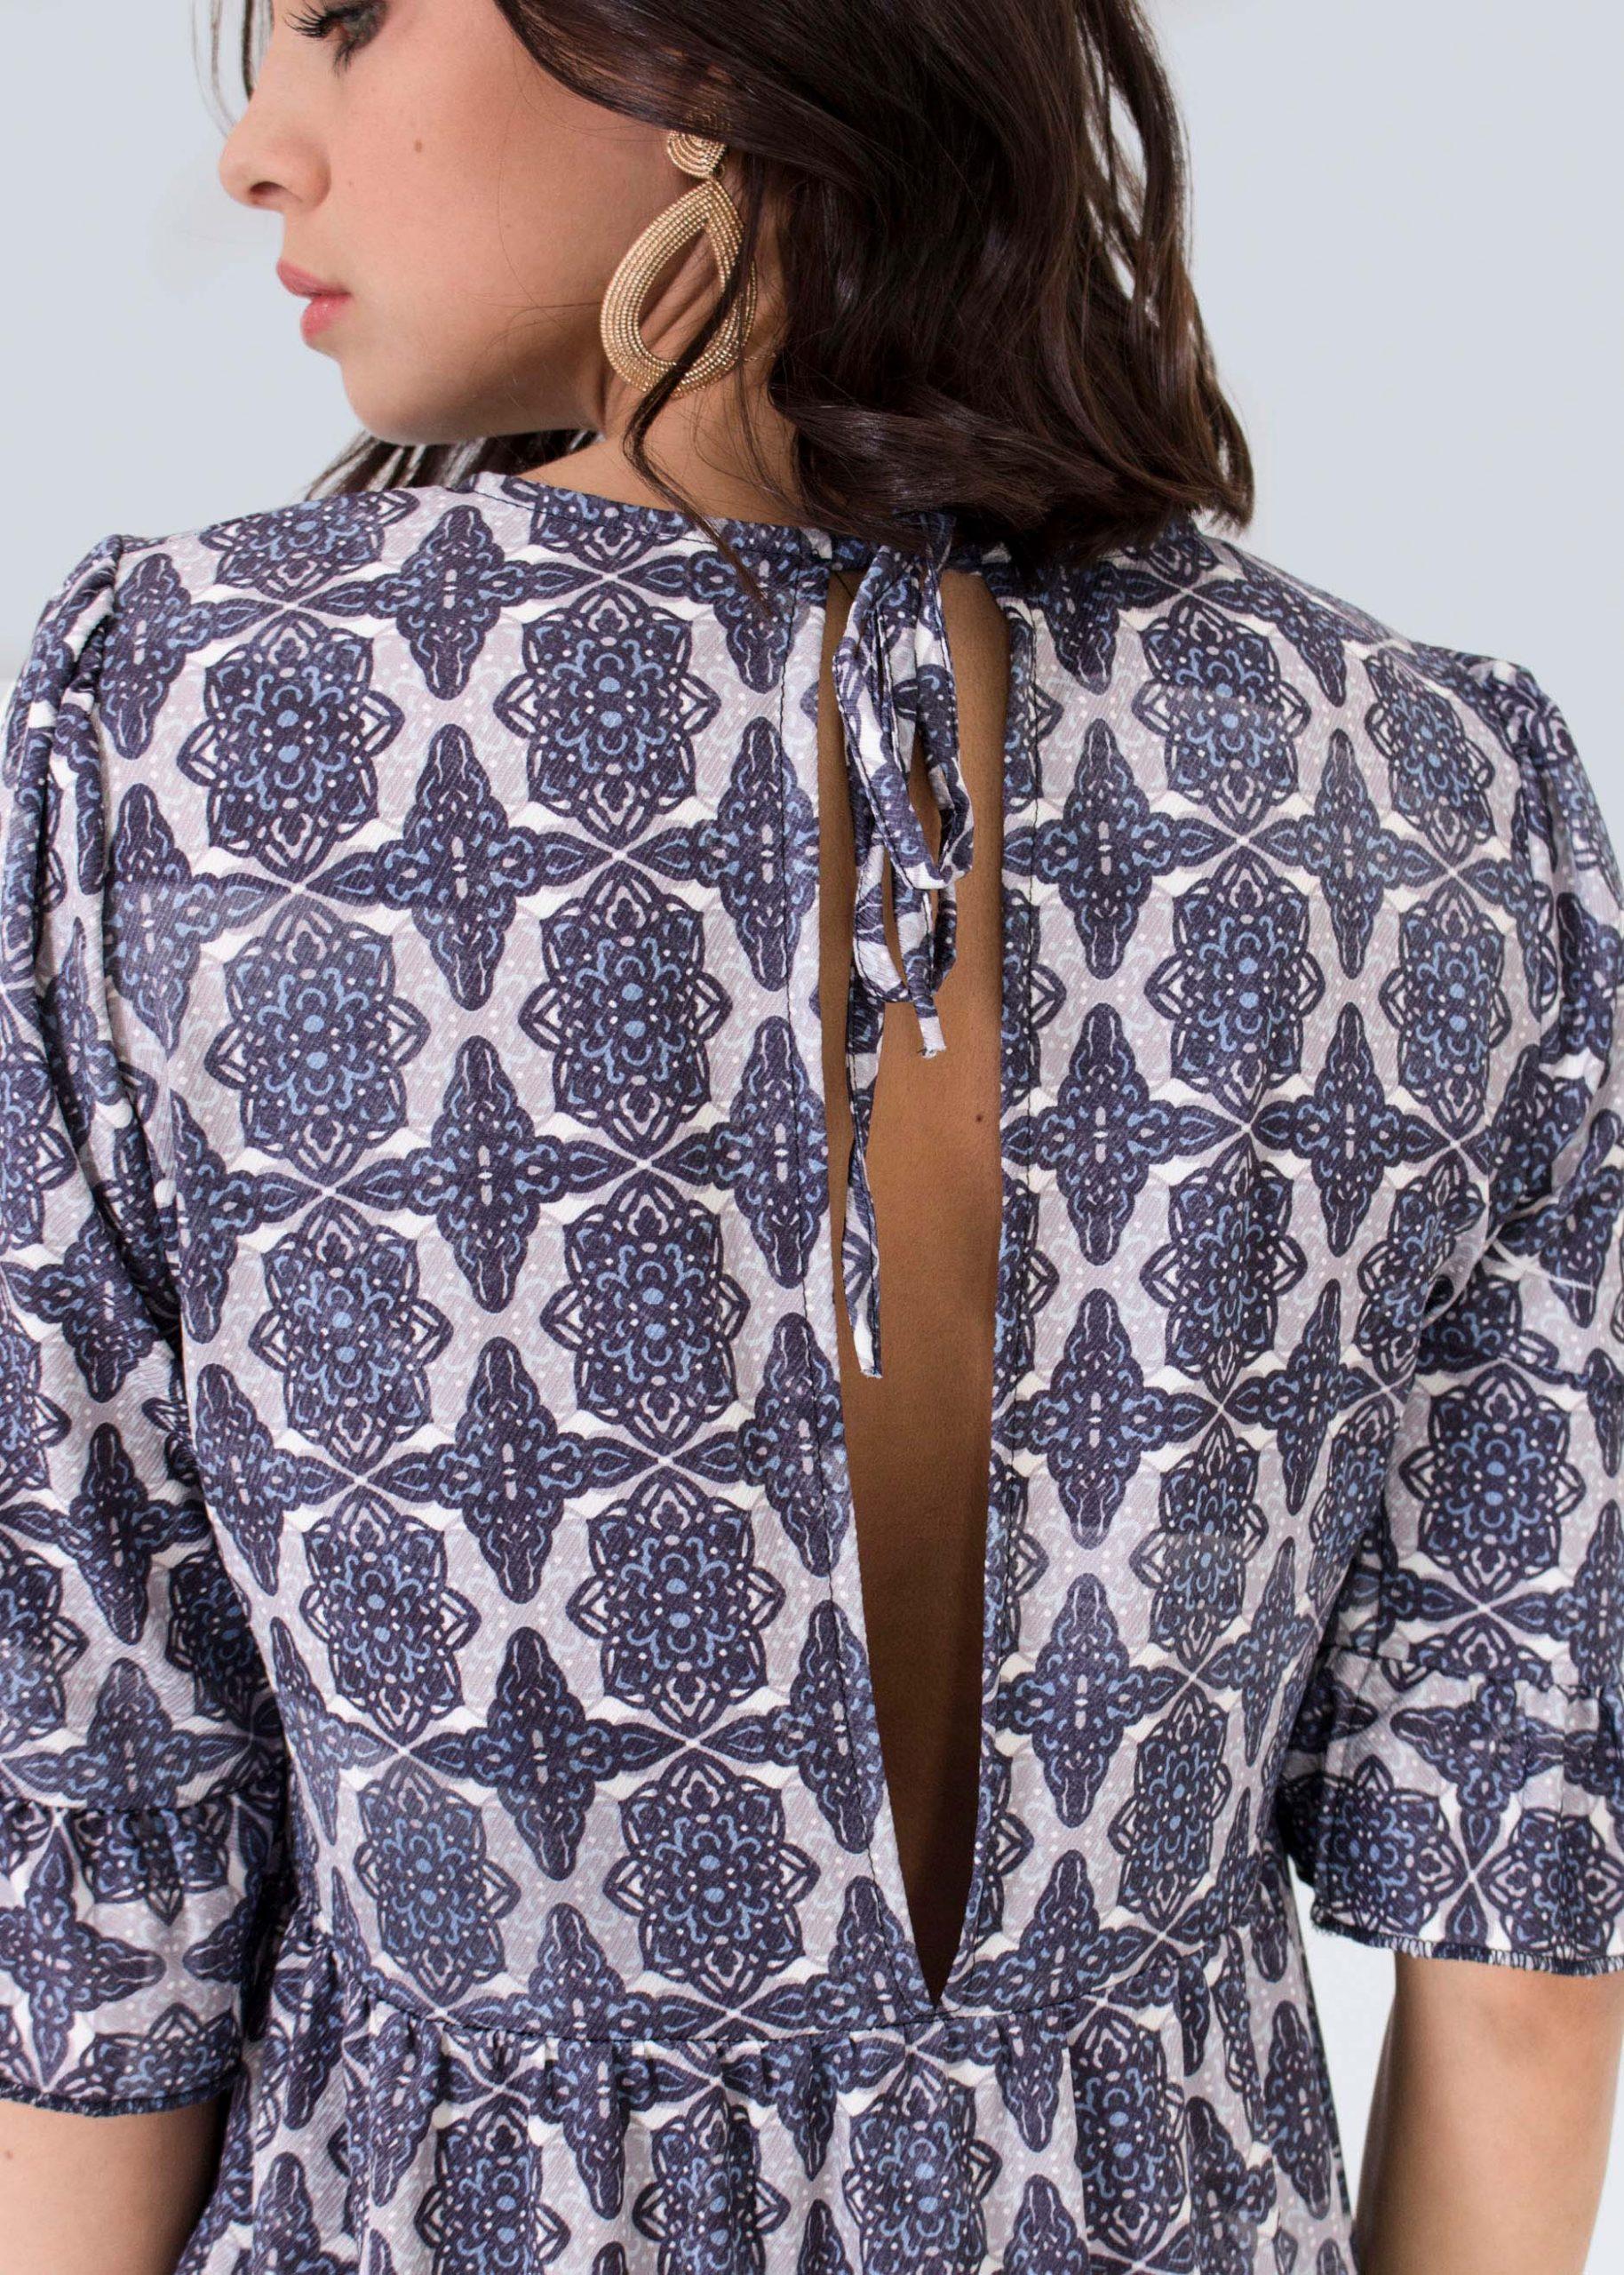 Maxikleid Hinten Mit Schlitz Blau  Kleider  Bekleidung